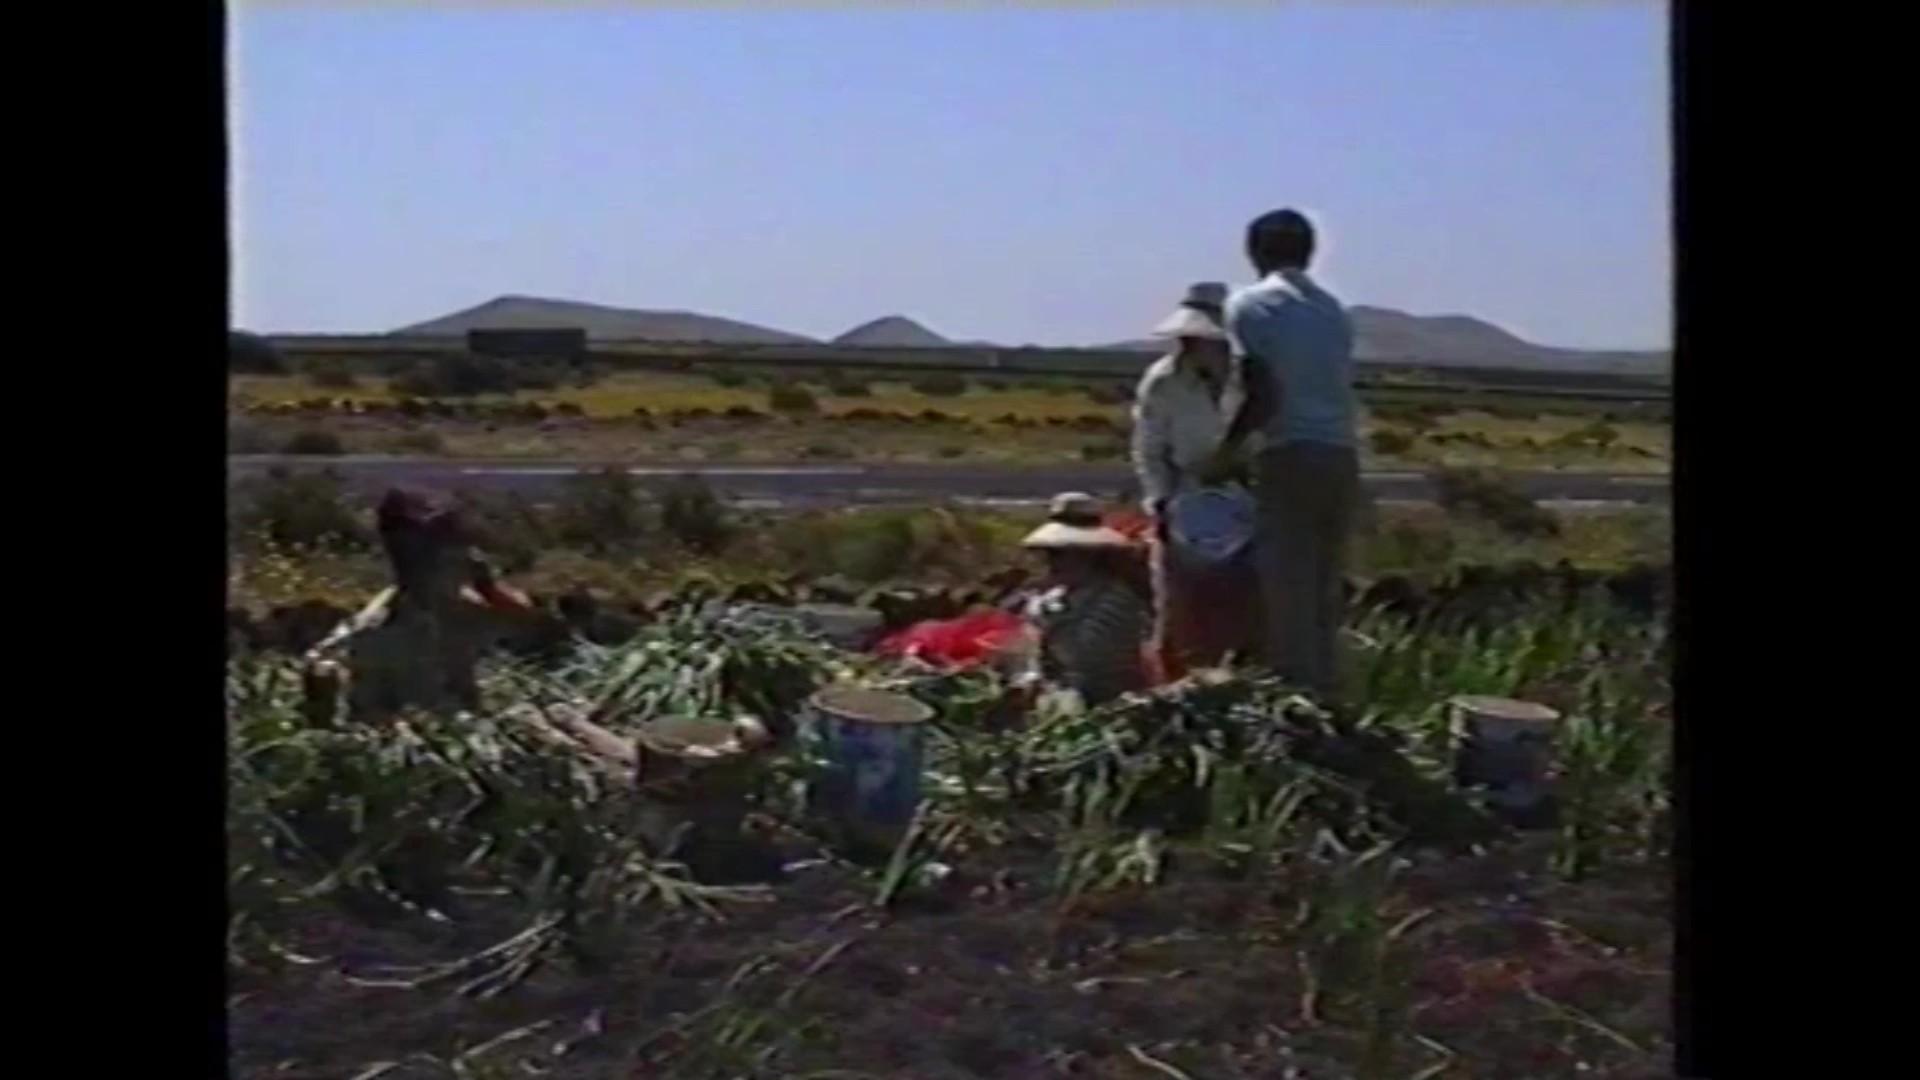 Agricultura en 'Lanzarote. Isla de los Volcanes' (1990)